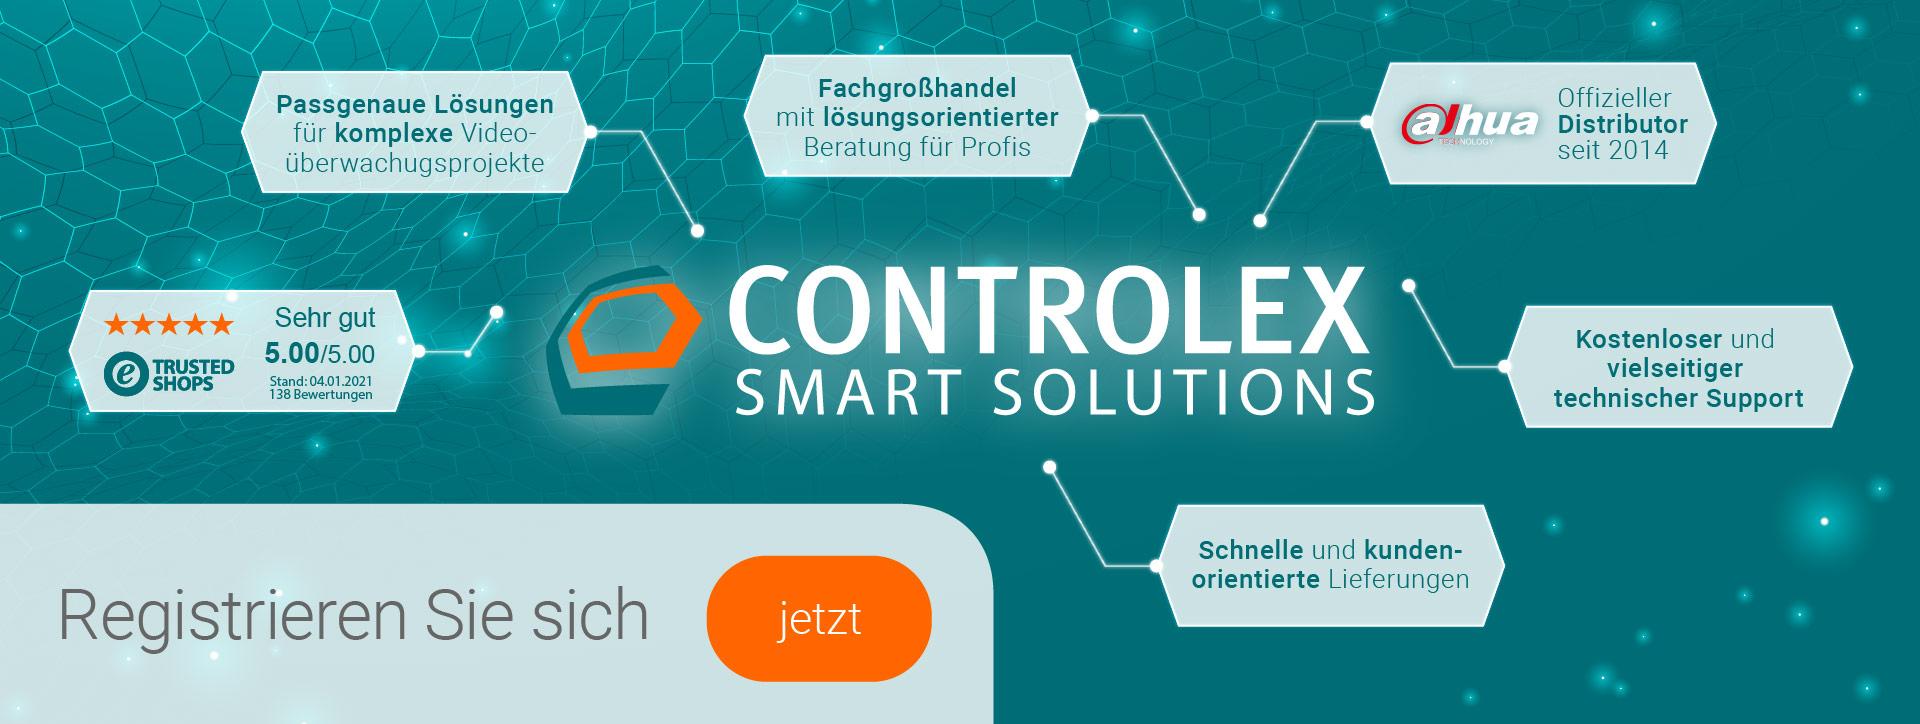 Banner Controlex Vorstellung